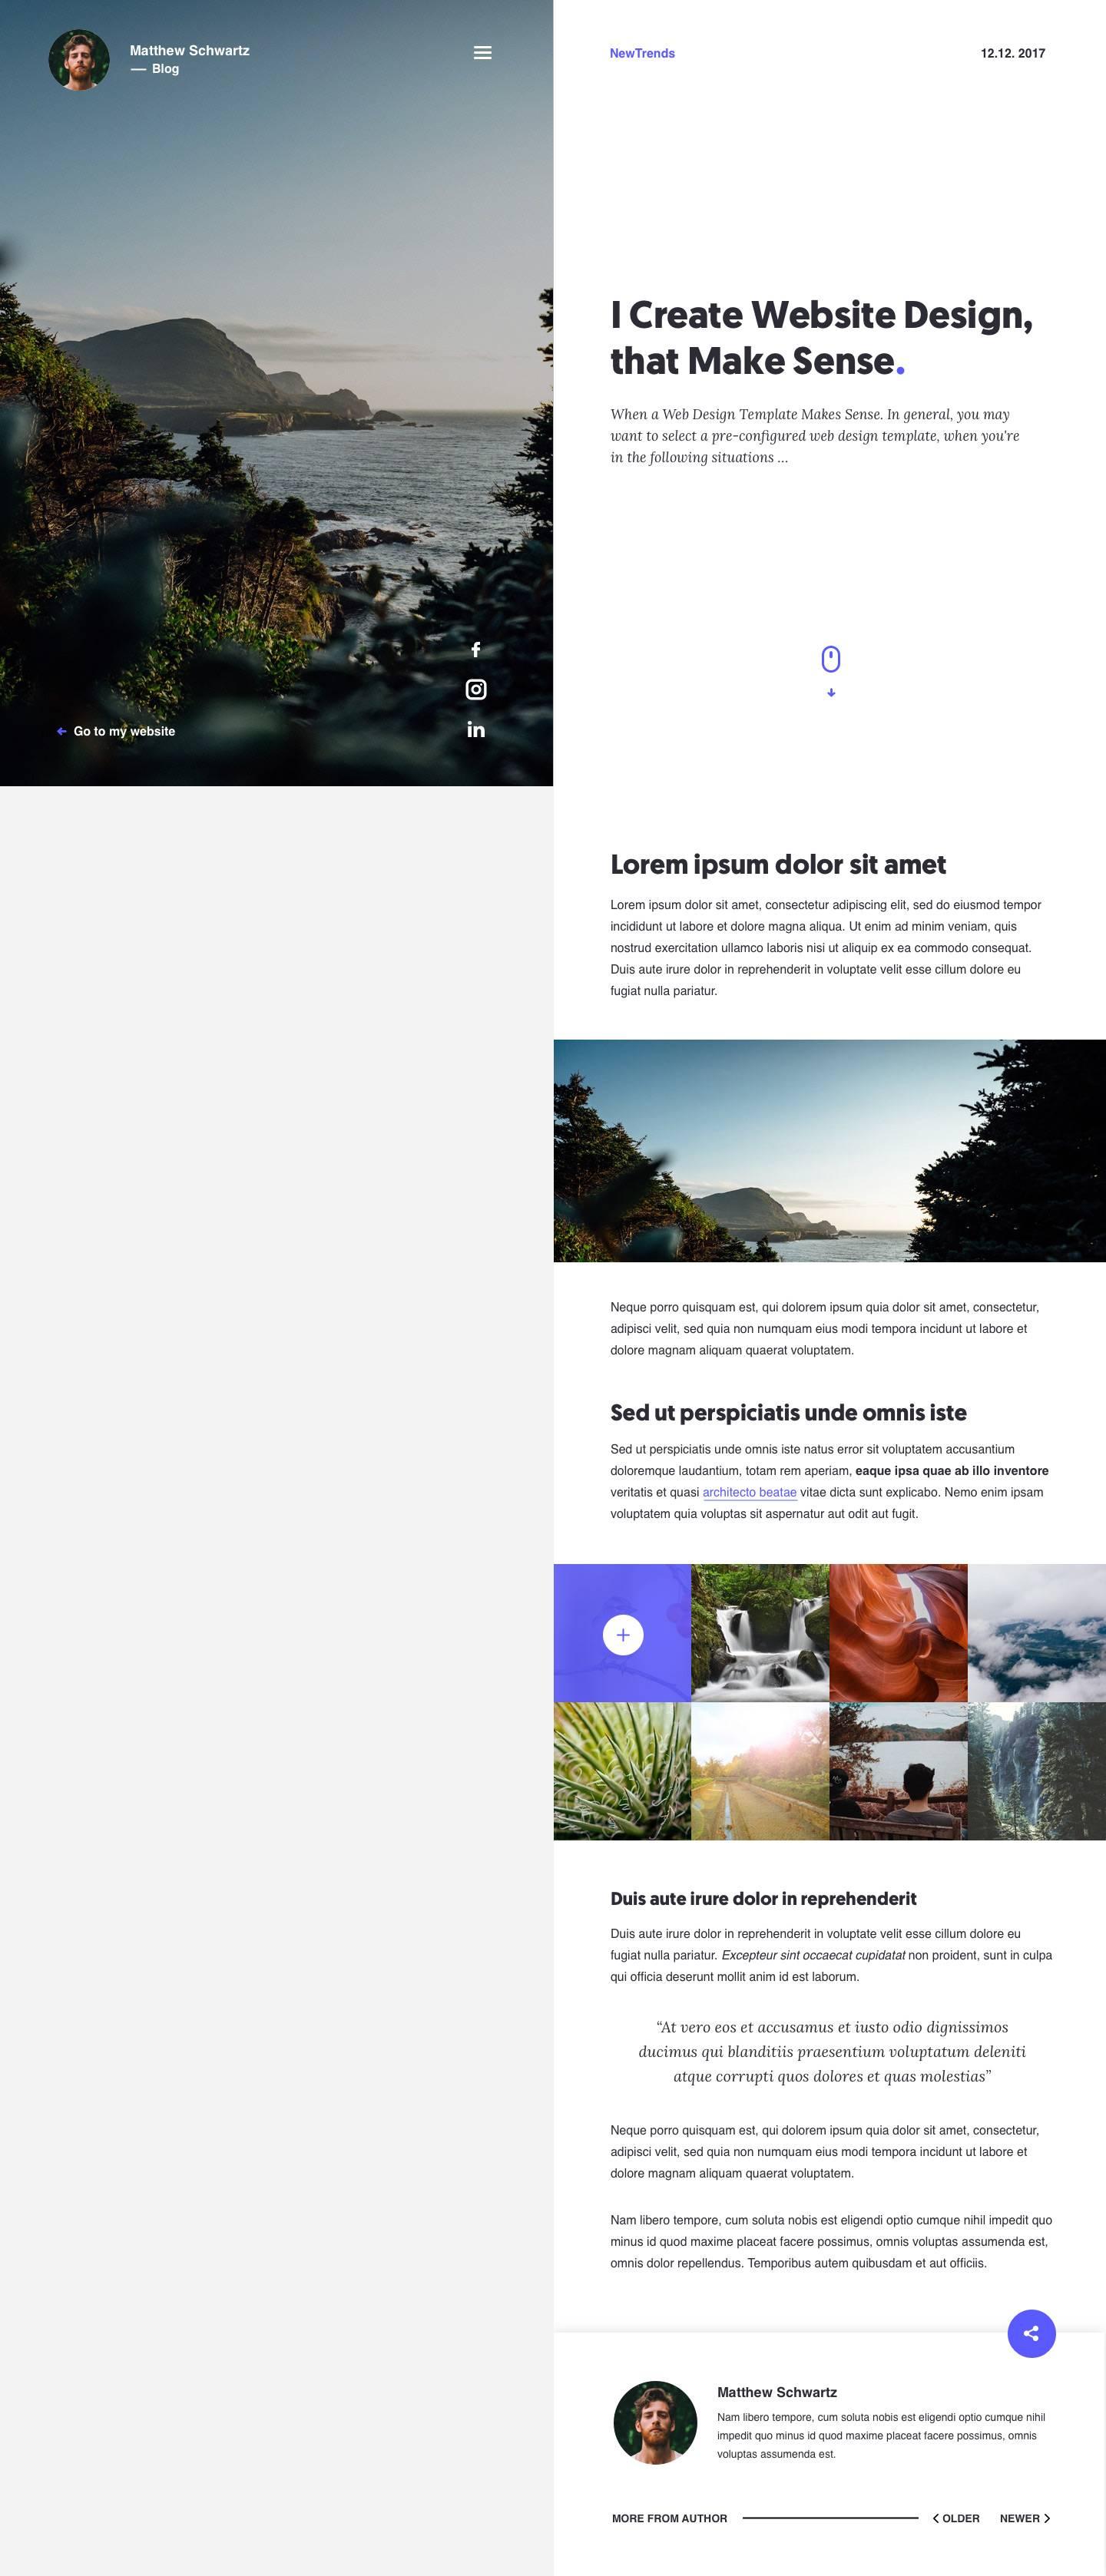 好看分屏设计的博客界面模板 sketch素材下载 网页模板-第2张